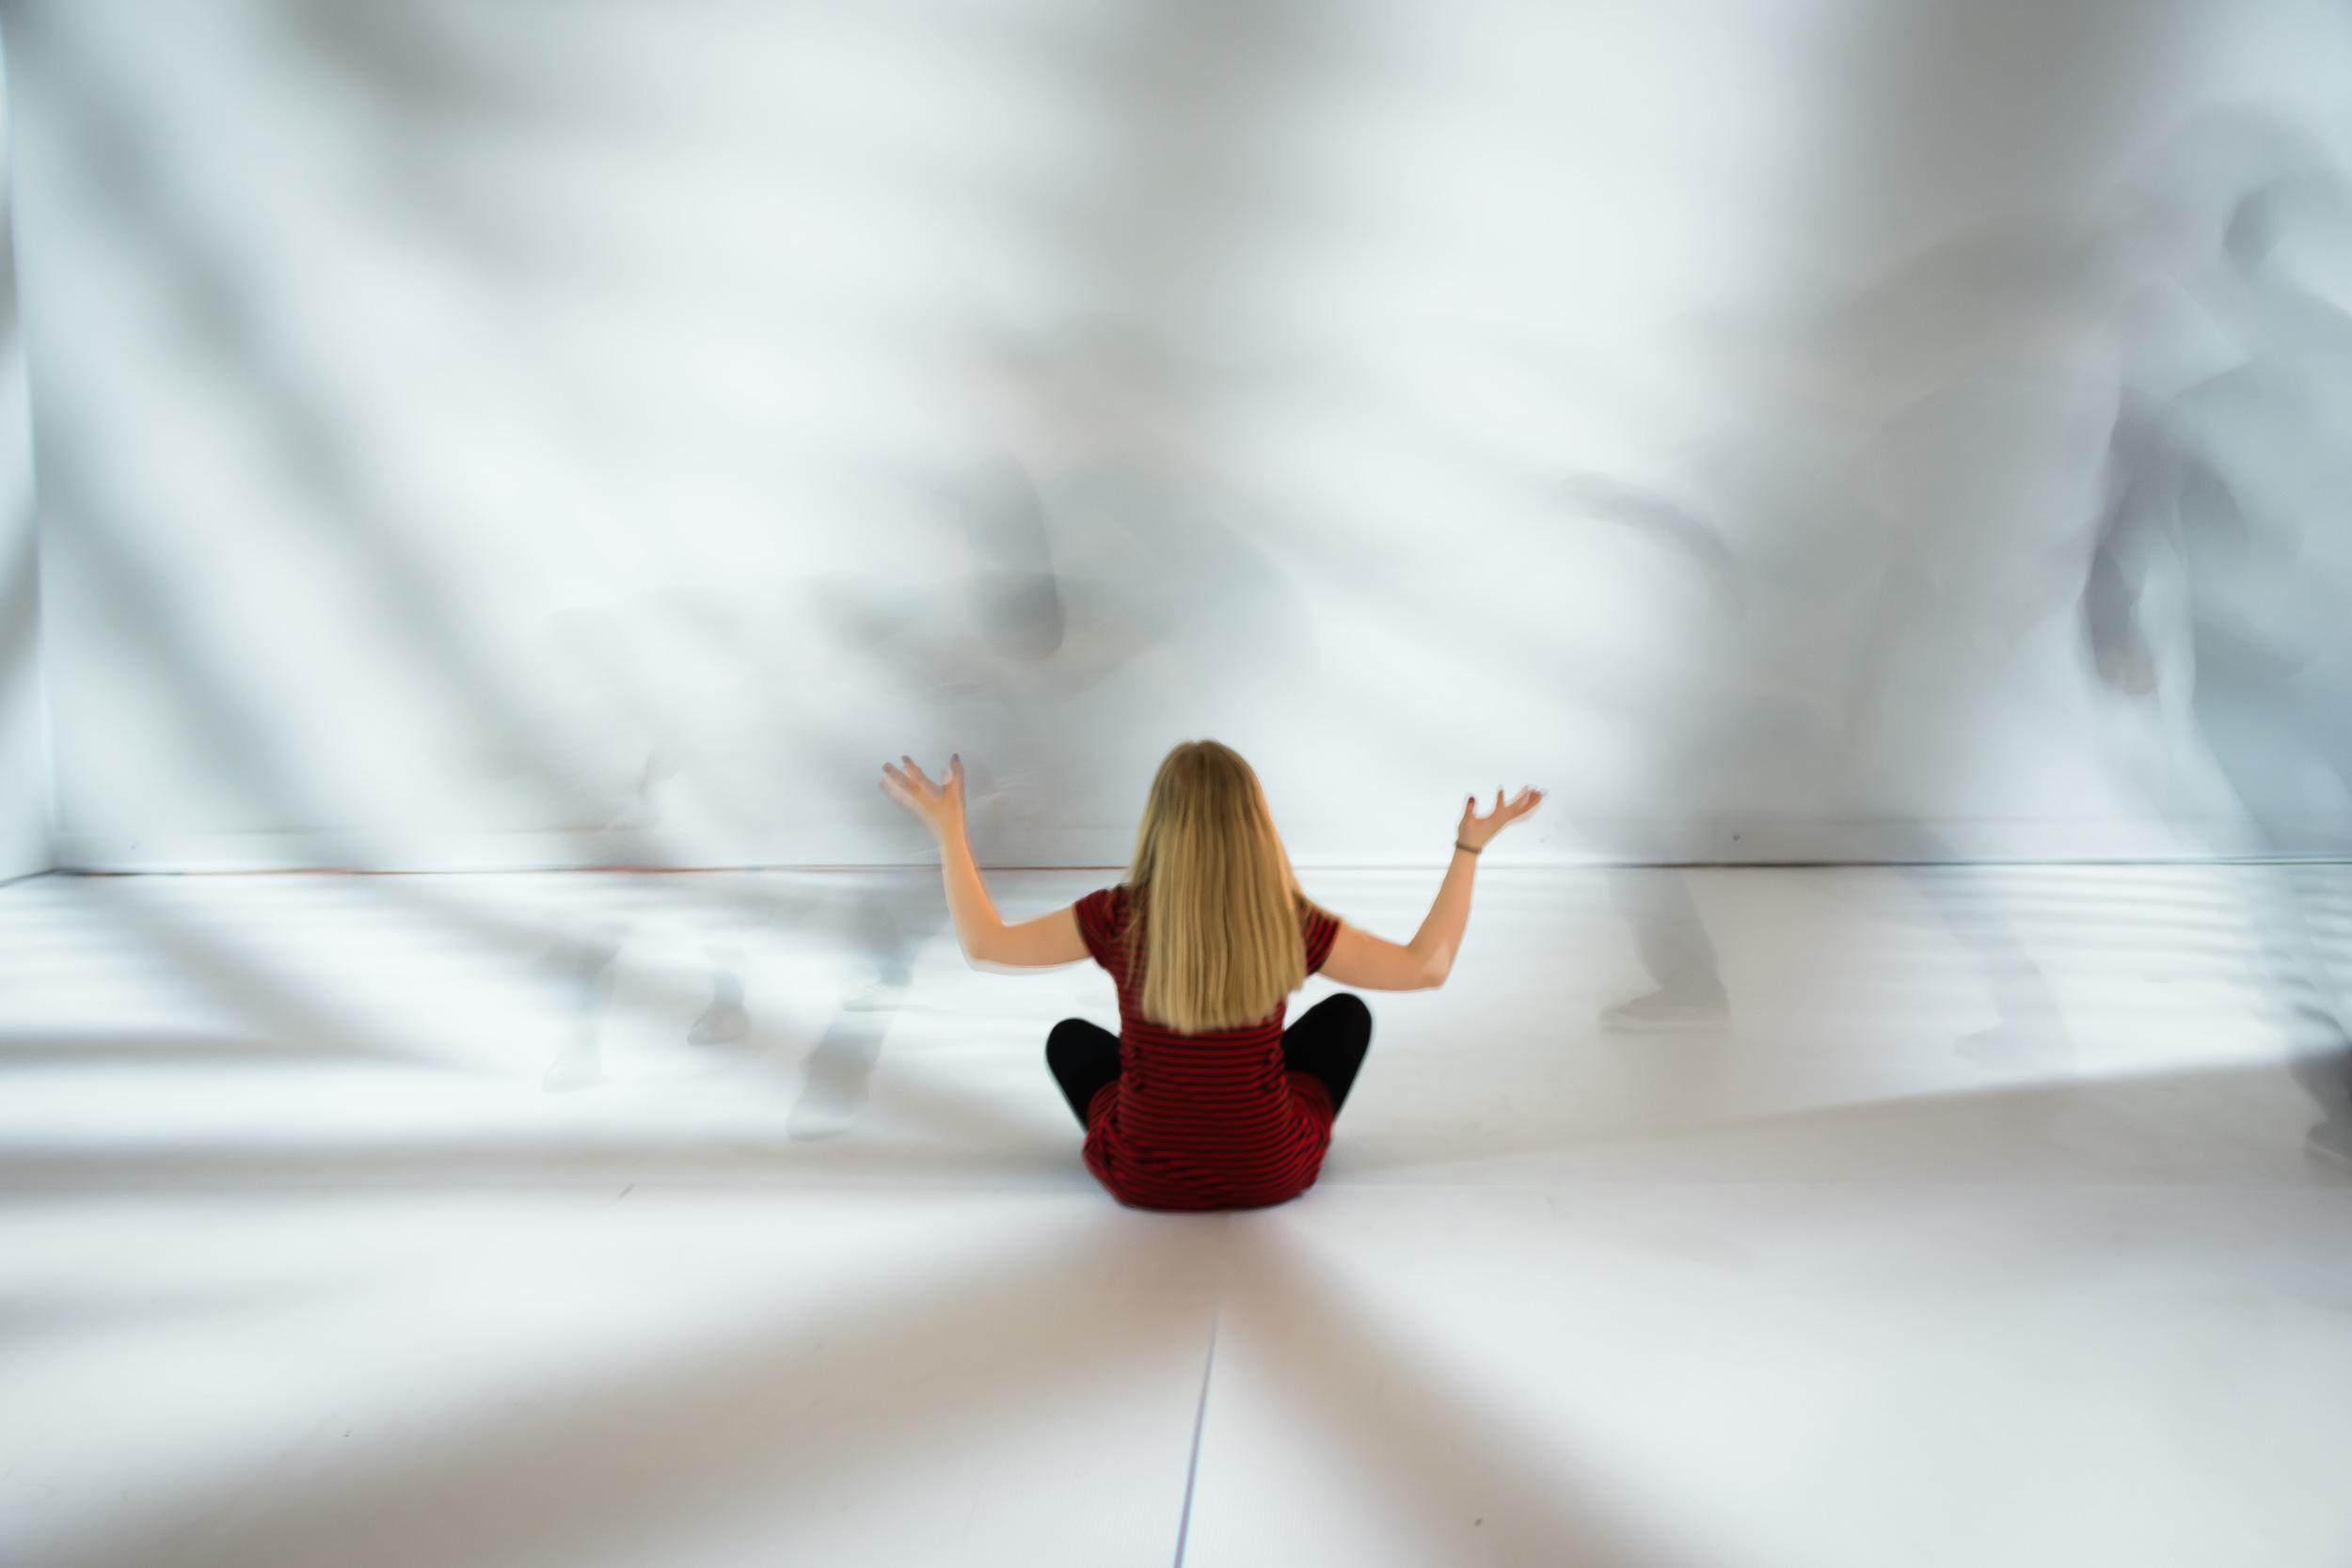 Ninte poseert in de multimedia kamer van Peter Kogler in Brussel - eigenzinnige fotografie